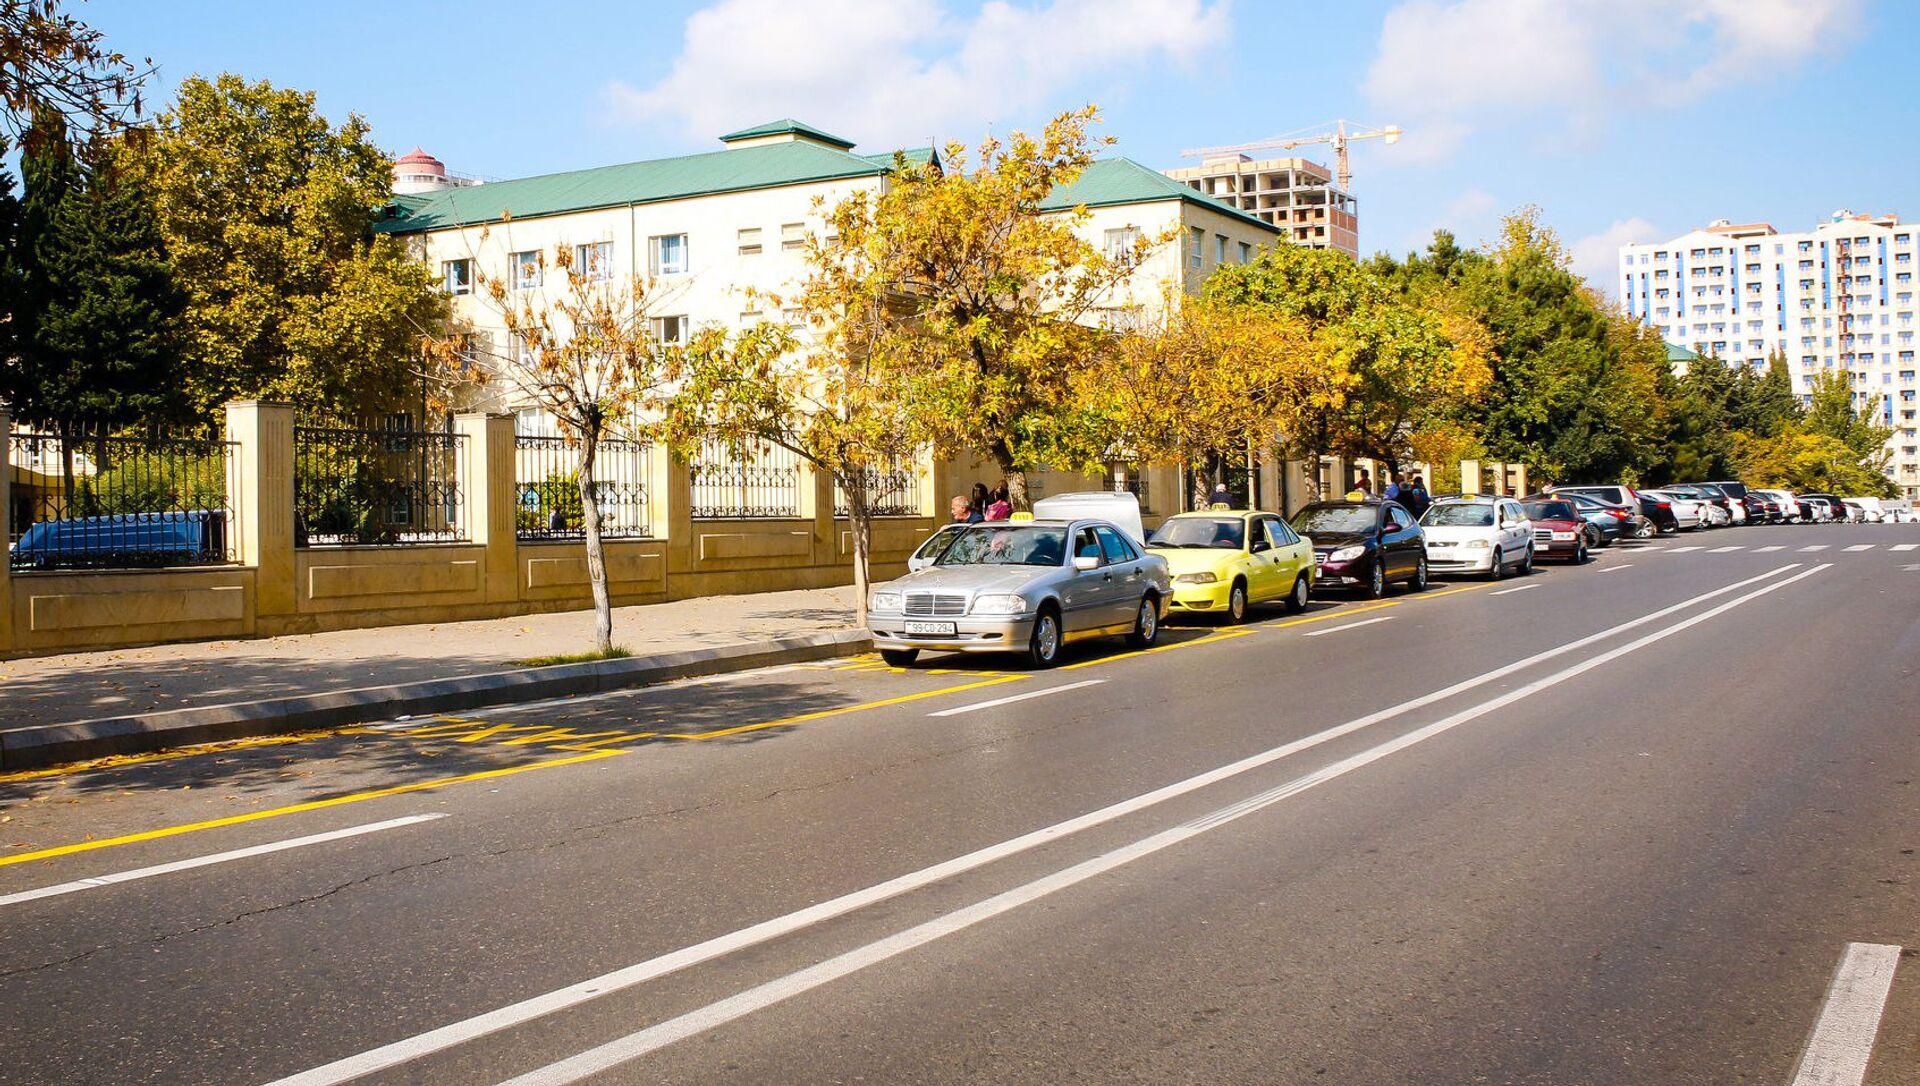 Остановки для такси - Sputnik Азербайджан, 1920, 25.08.2021